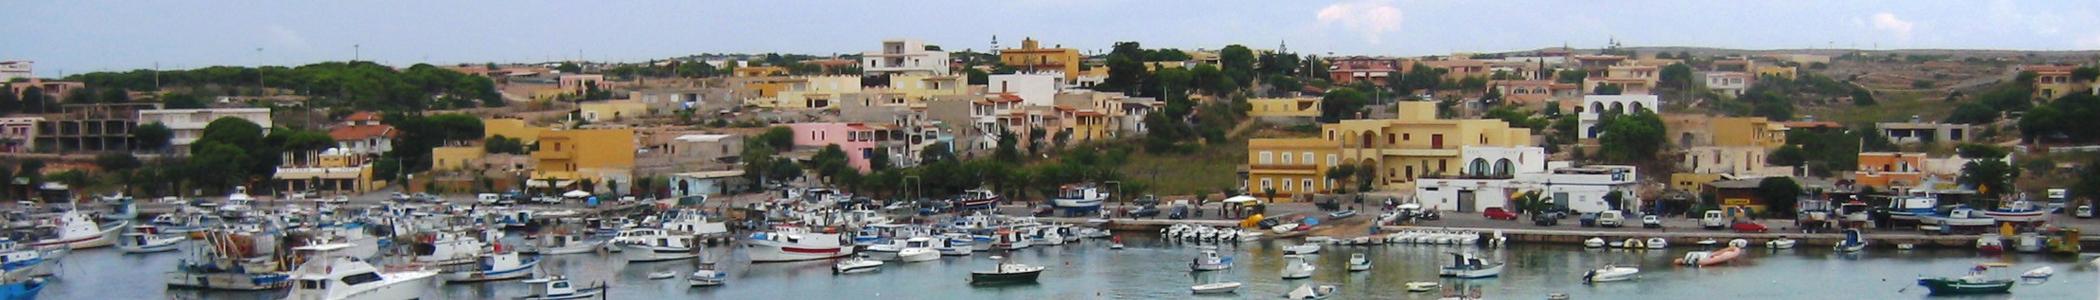 Isola Di Lampedusa Wikivoyage Guida Turistica Di Viaggio